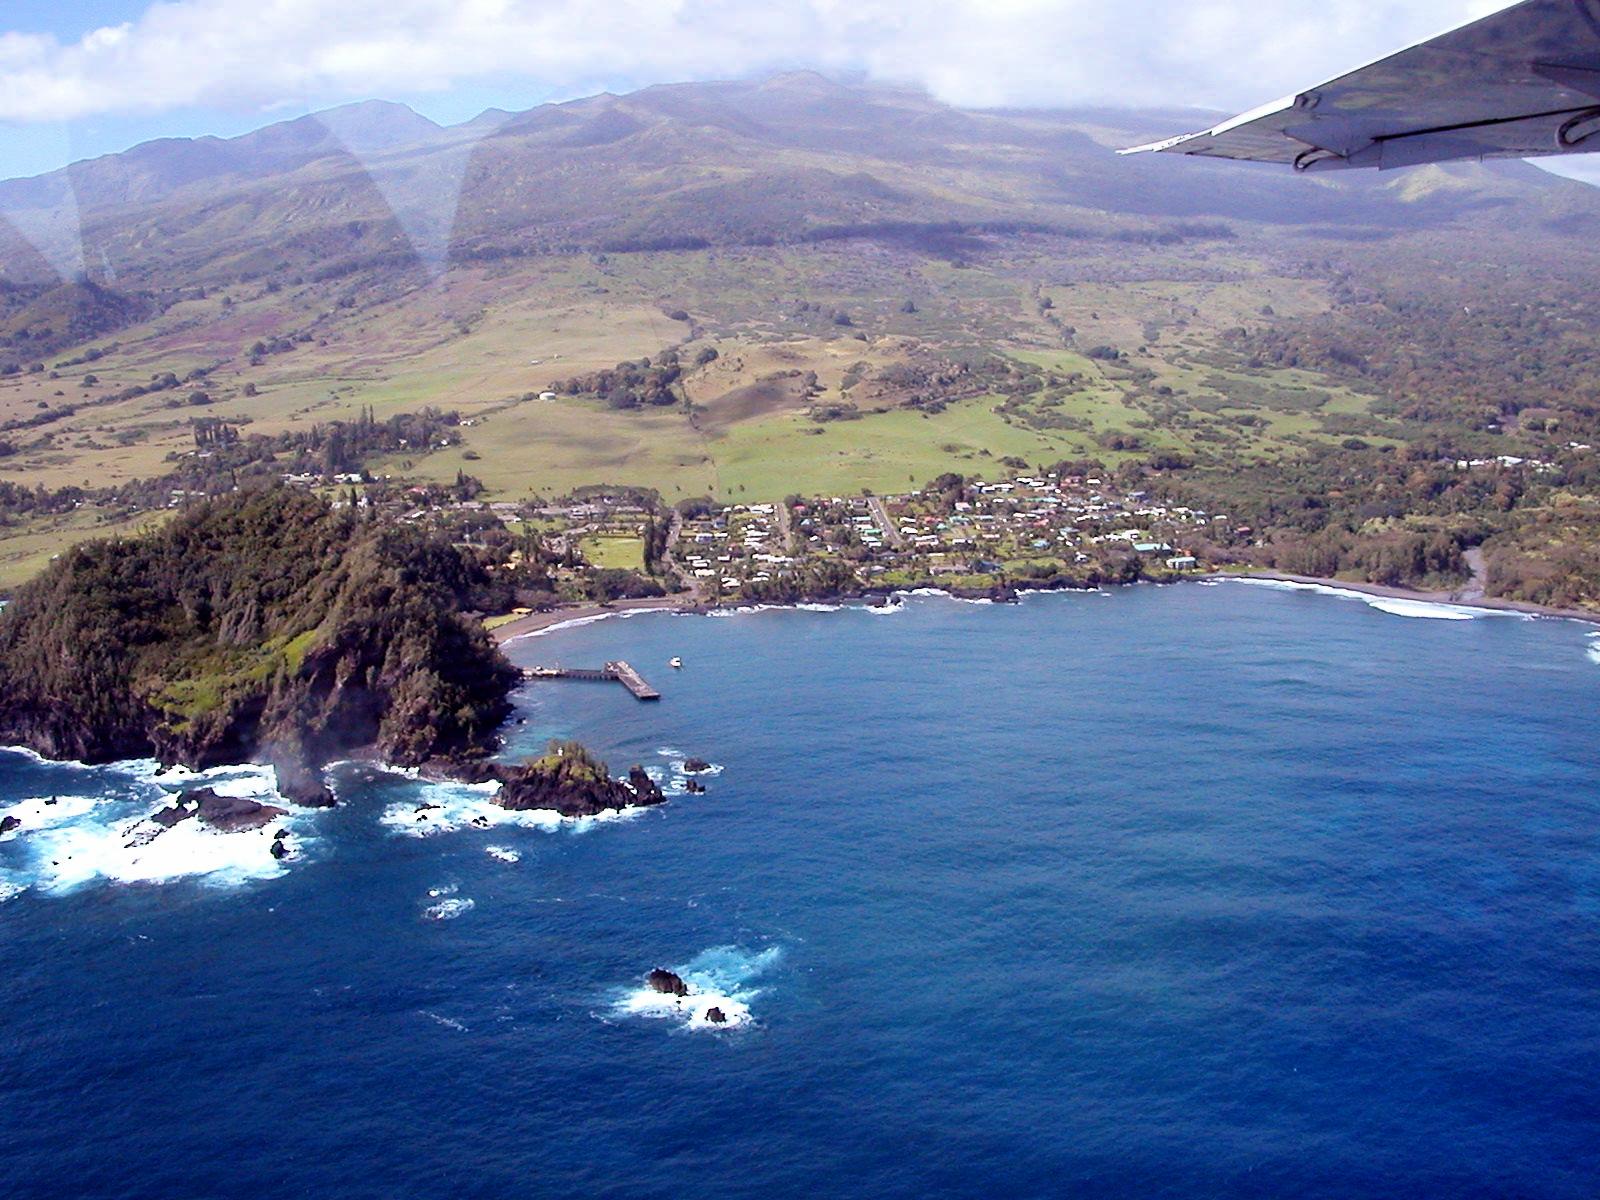 Bed And Breakfast Hana Maui Hawaii